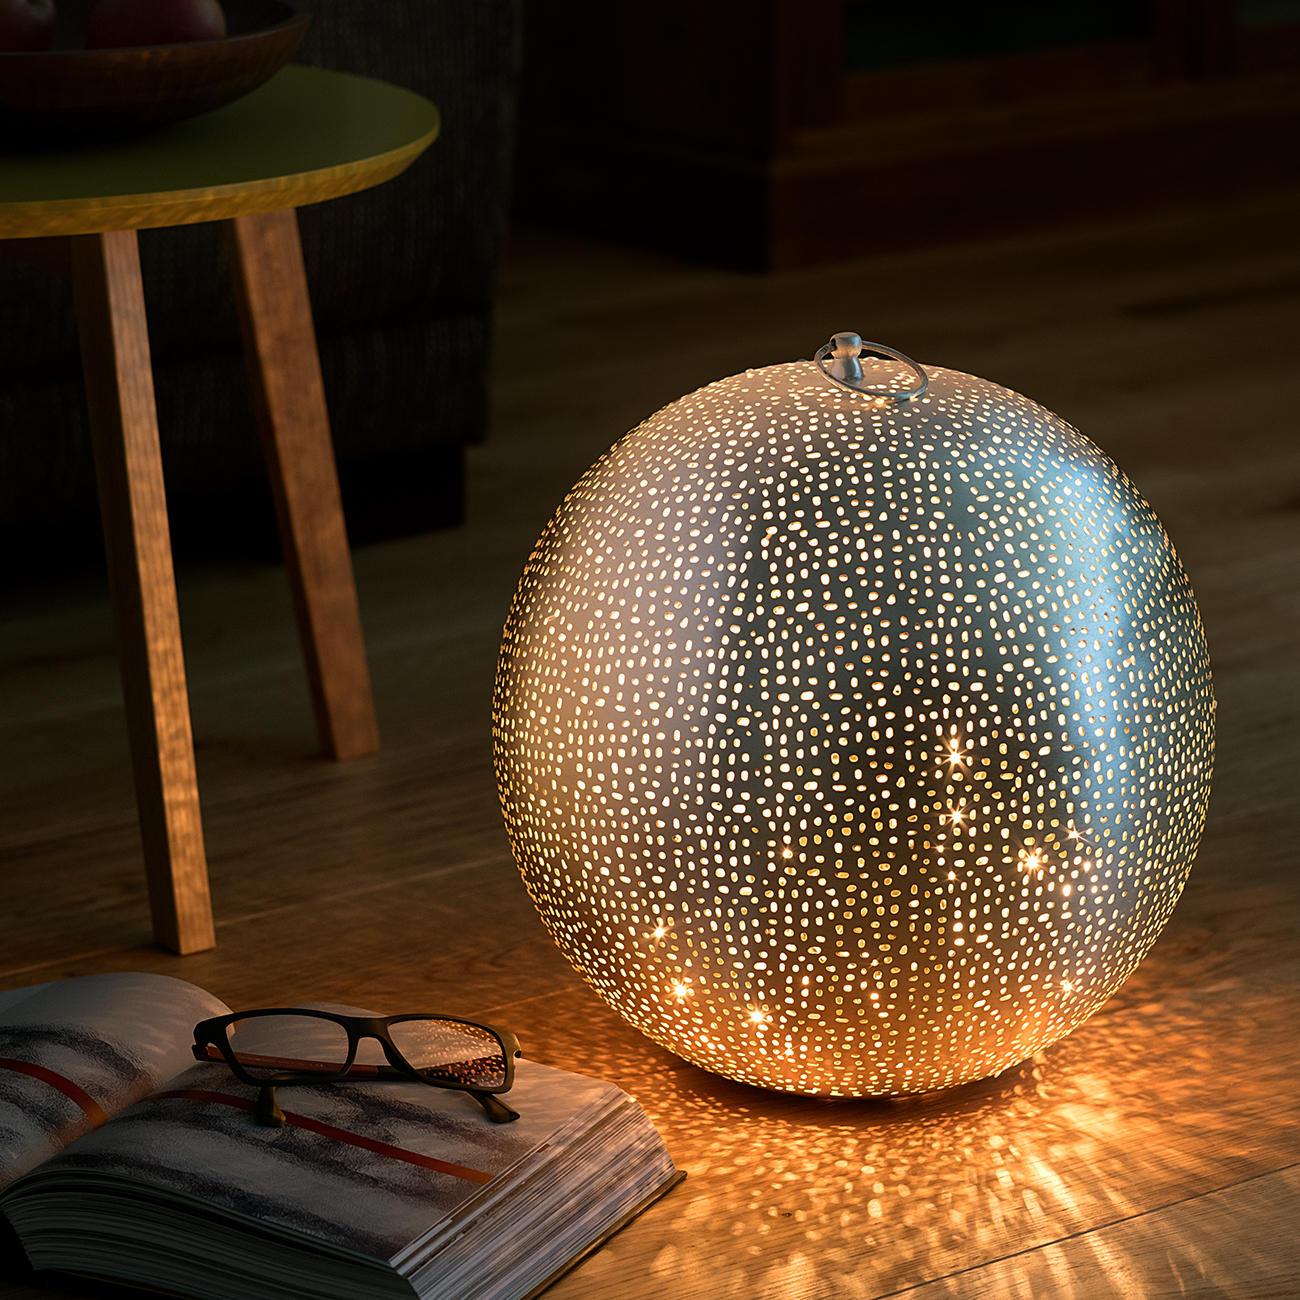 orientalische kugel leuchte 30 x 30 x 35 cm kaufen. Black Bedroom Furniture Sets. Home Design Ideas